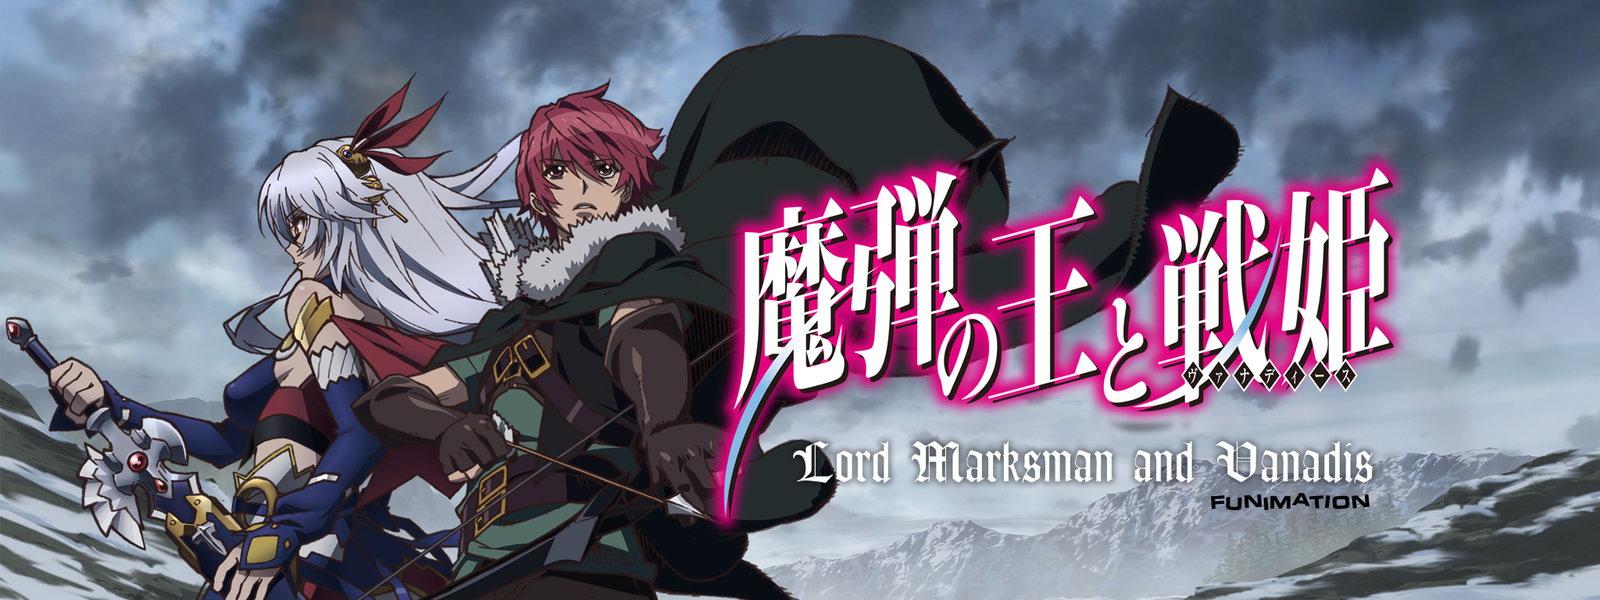 Lord Marksman of Vanedis